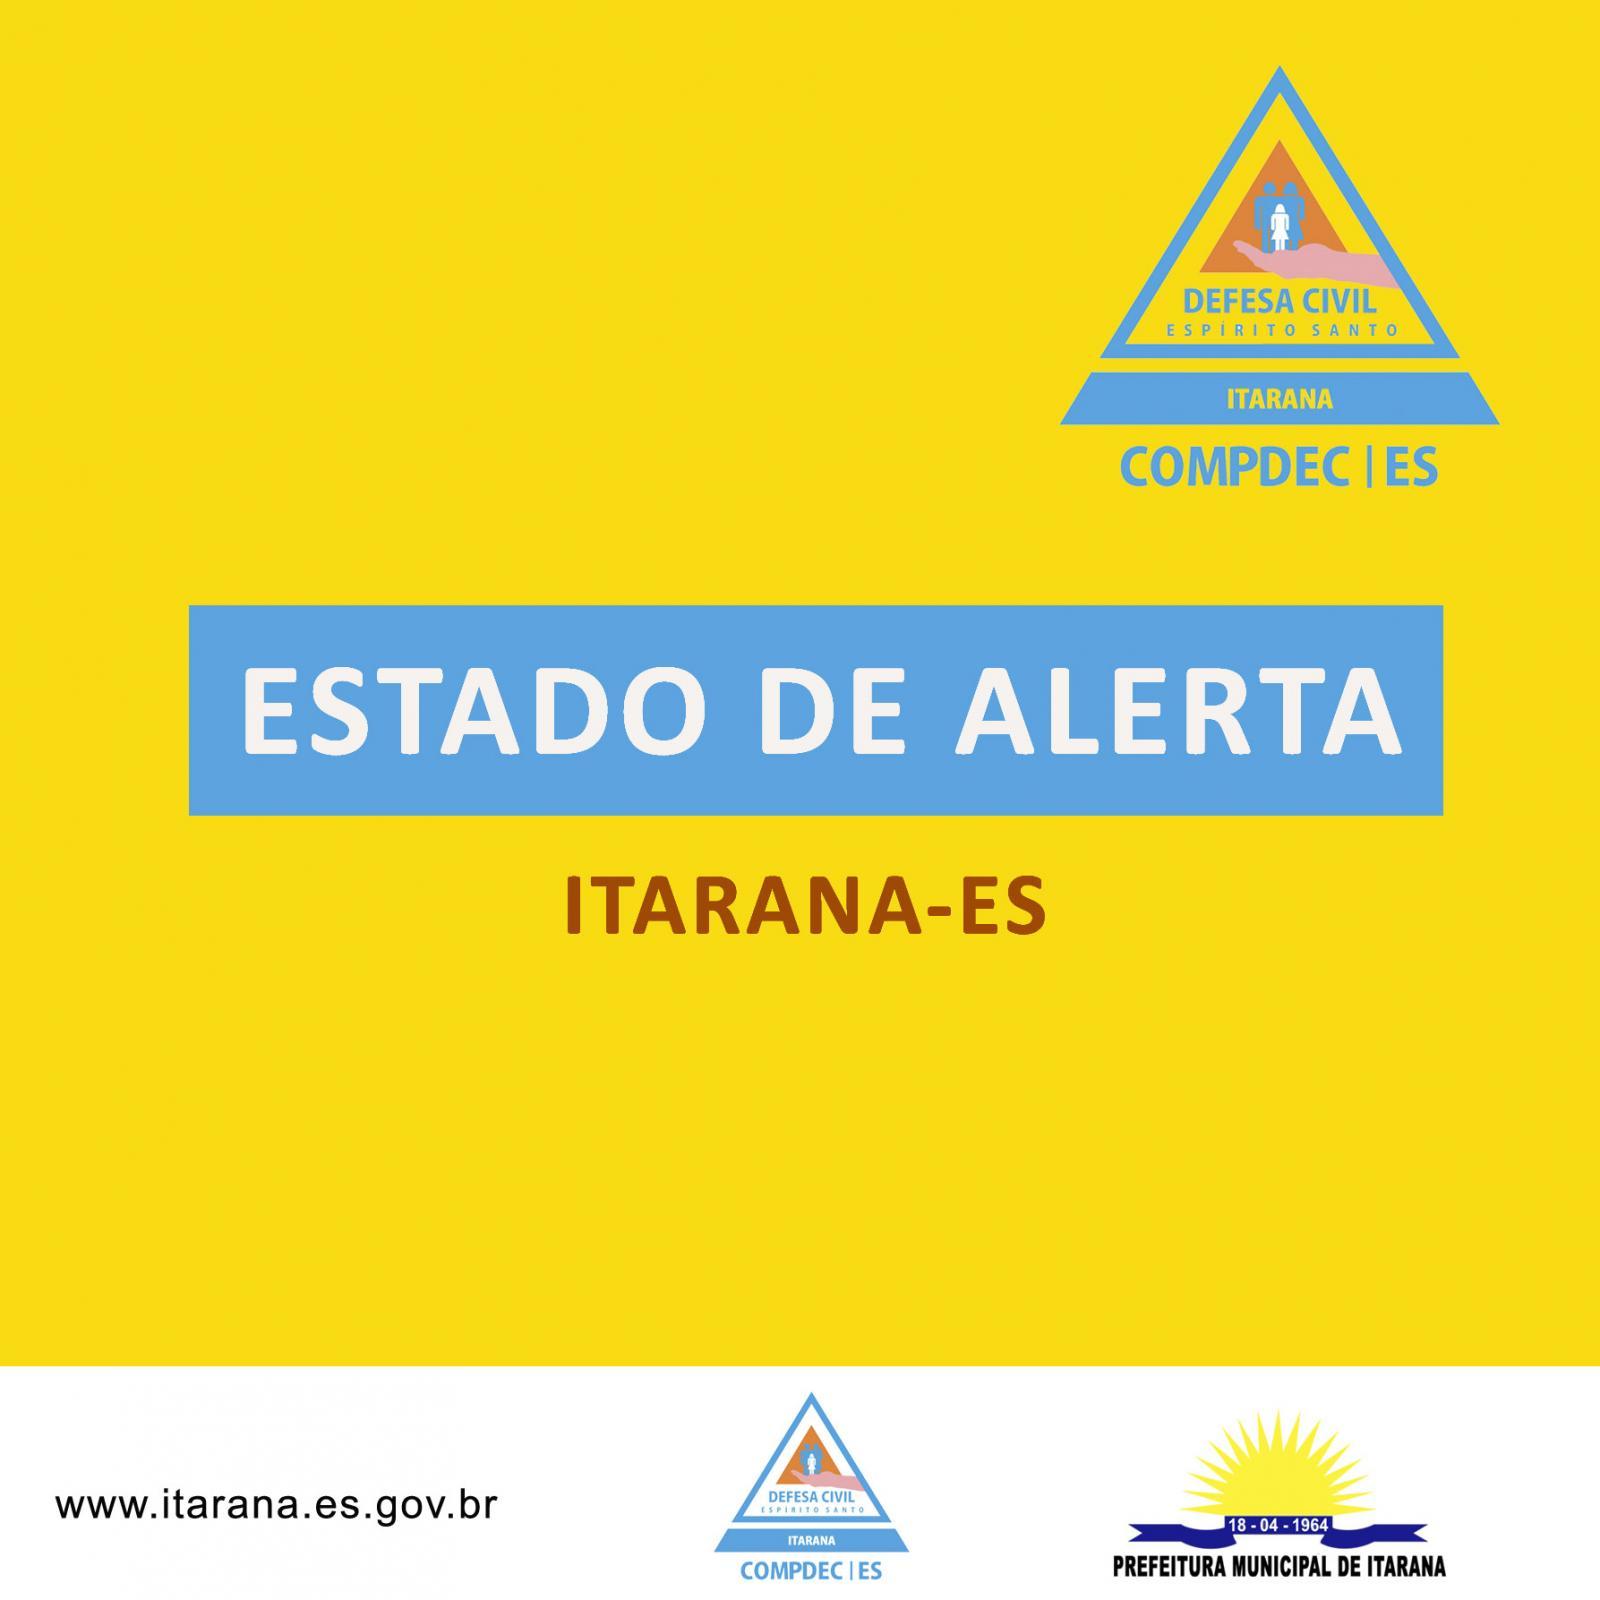 Estado de Alerta - Defesa Civil Municipal